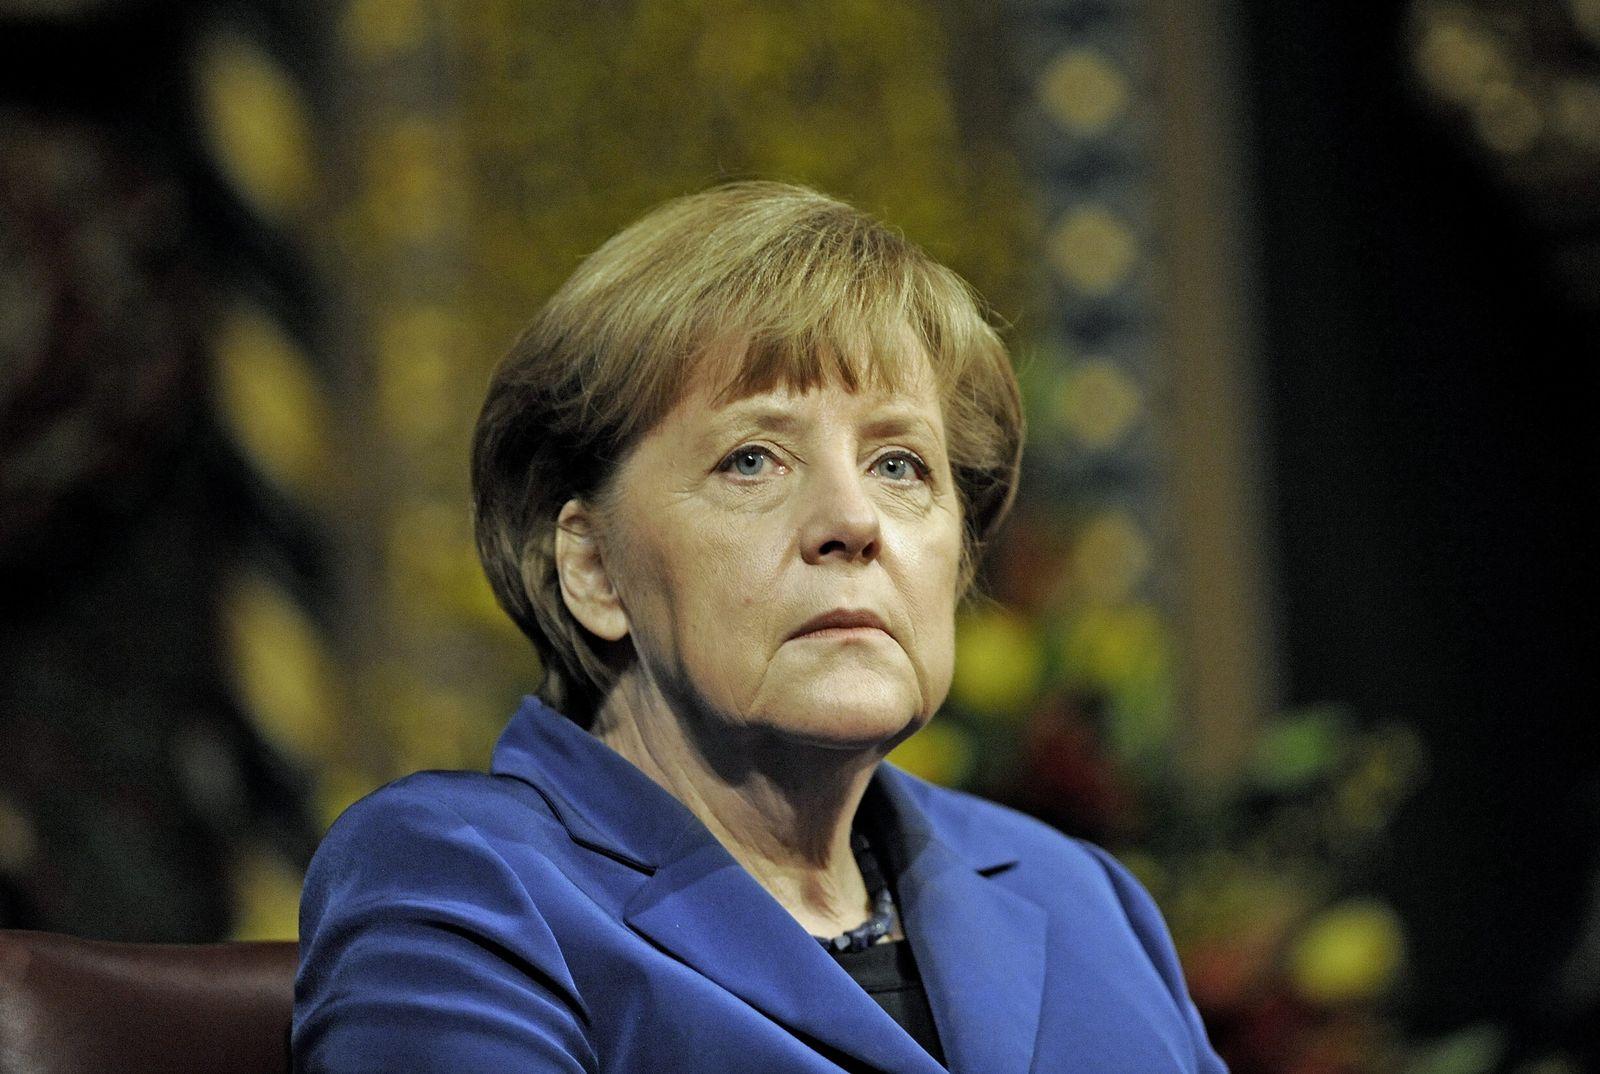 Angela Merkel in London